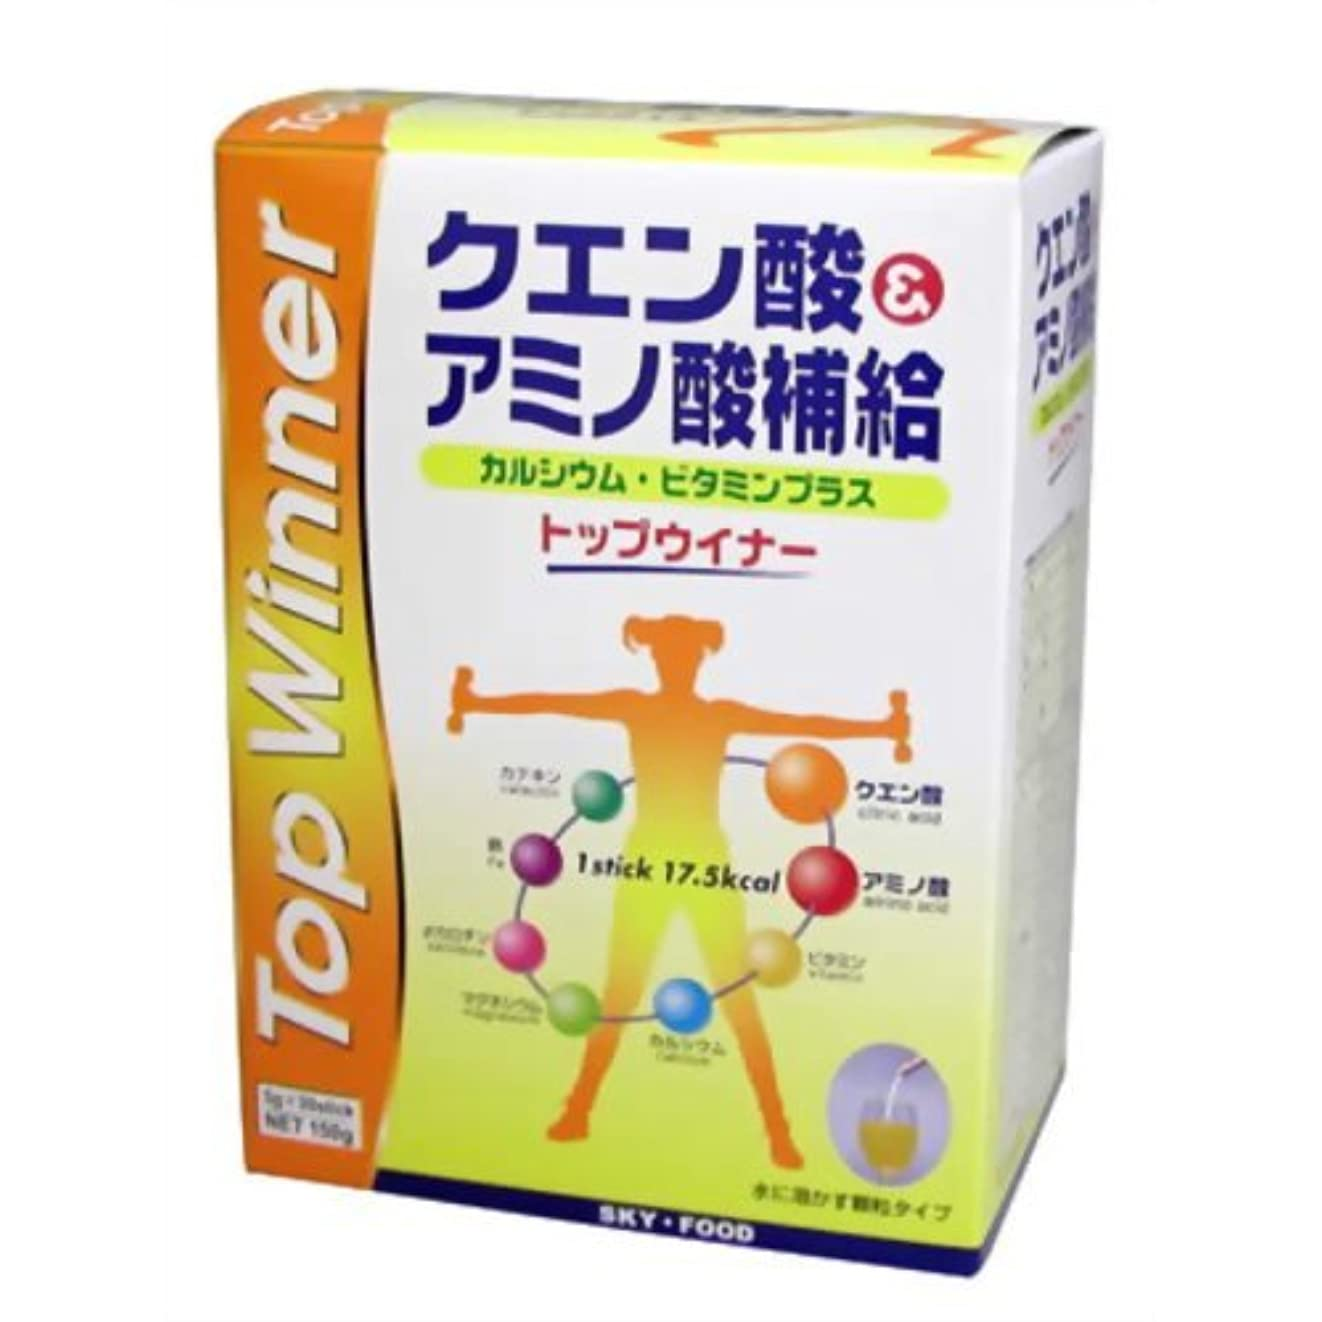 暴露する五明るいクエン酸&アミノ酸補給 トップウィナー 5g×30袋